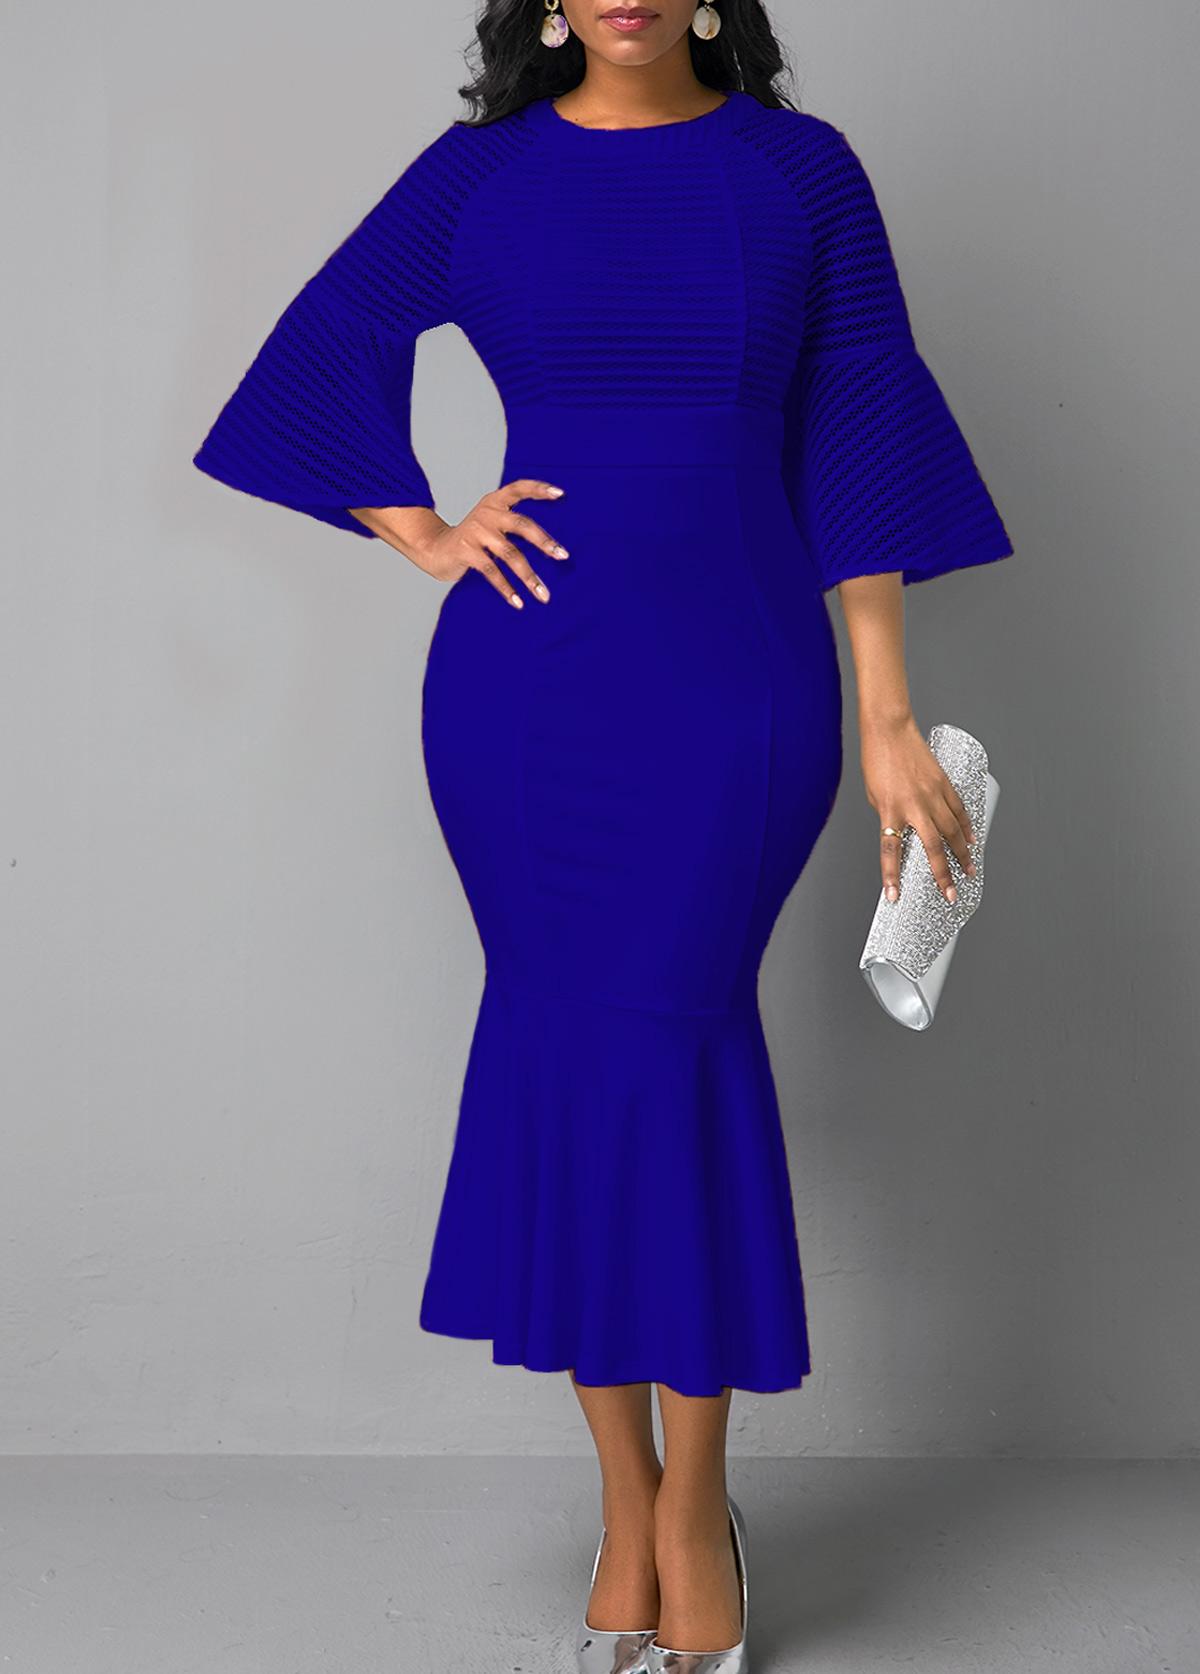 Flare Sleeve Mesh Panel Blue Mermaid Dress